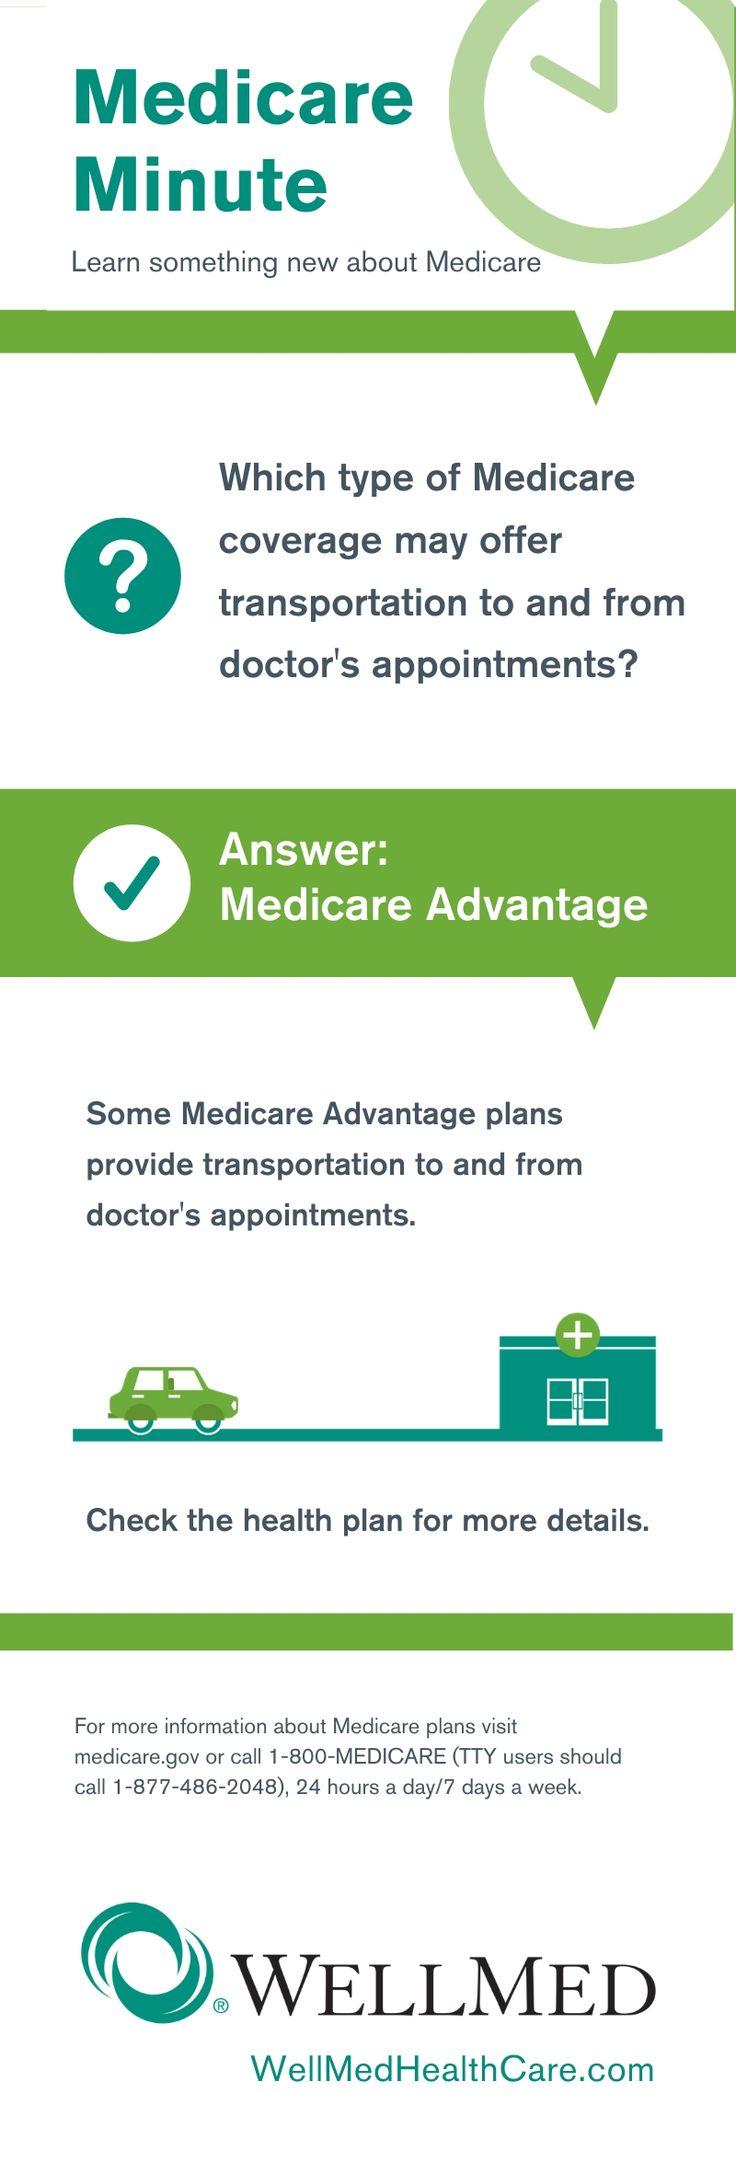 Medicare minute 5 transportation medication management